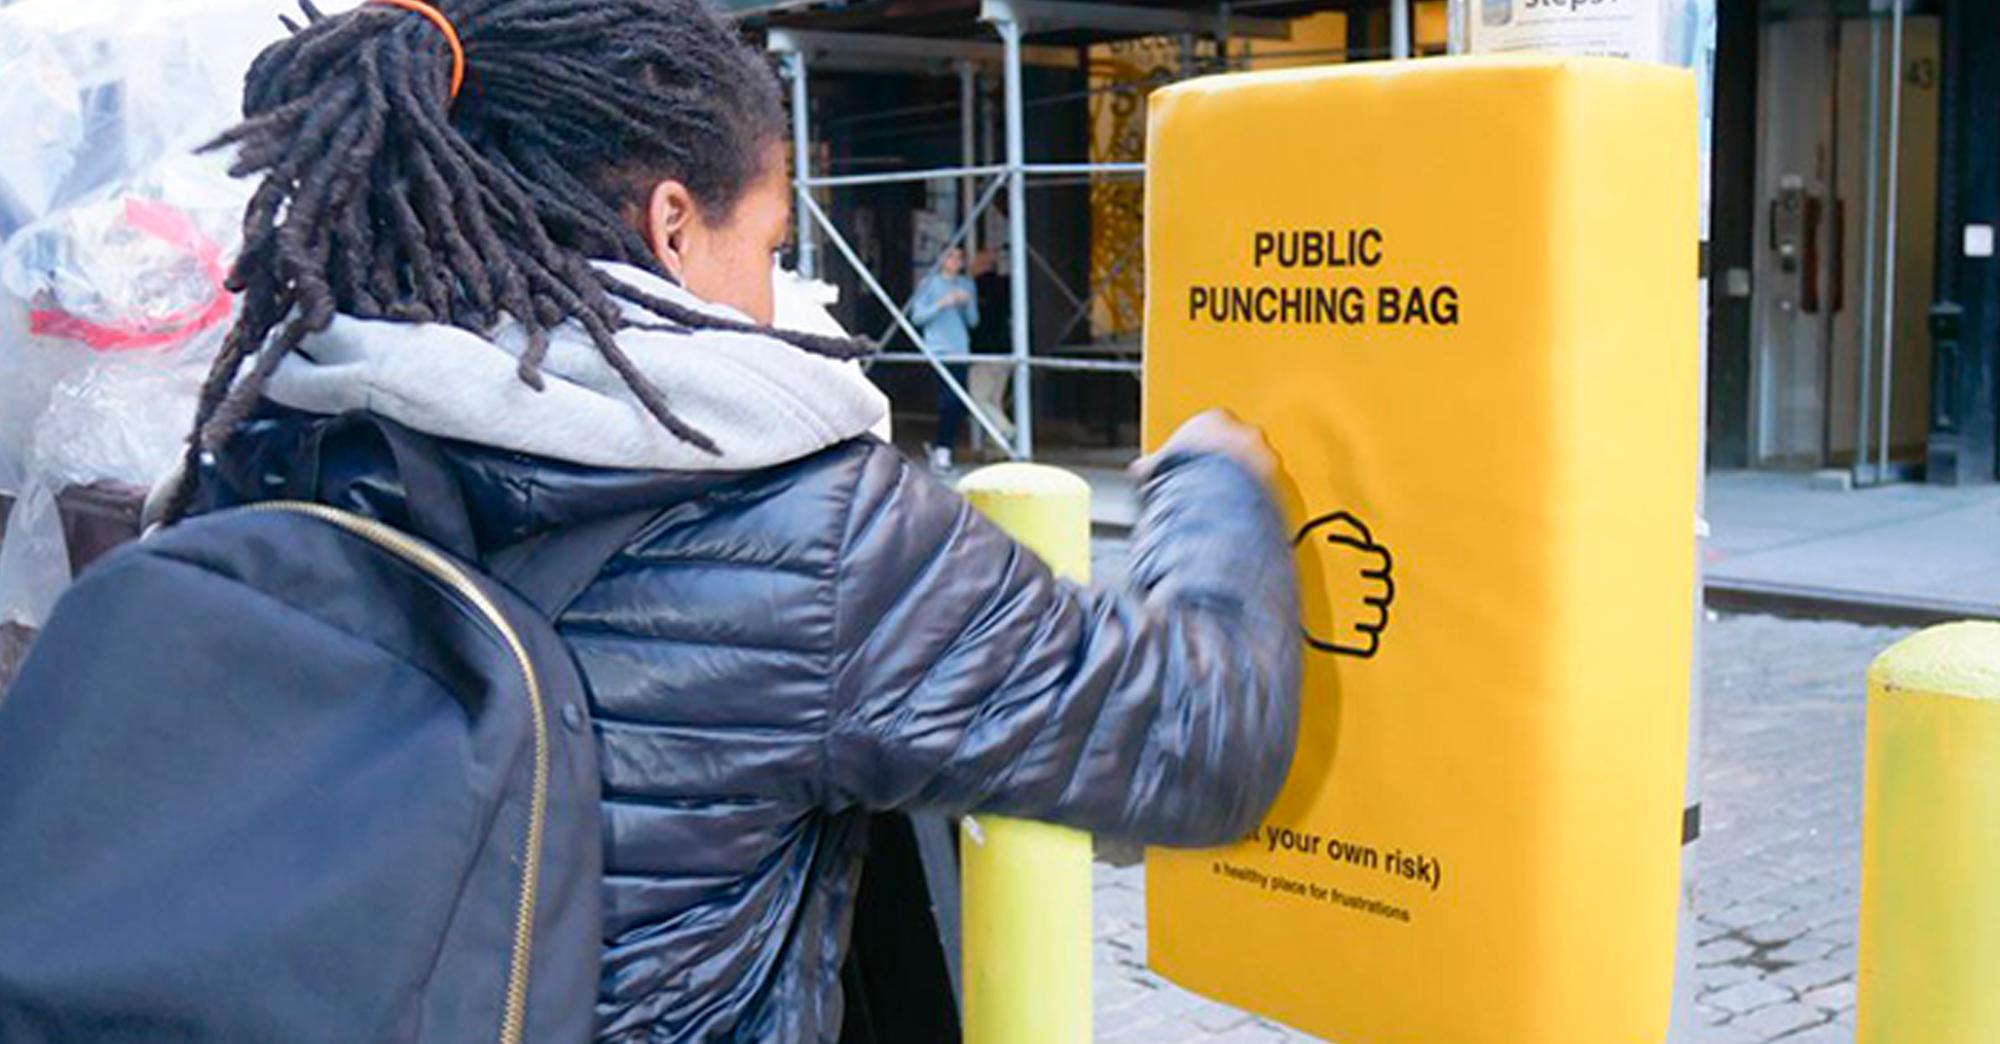 À New York, des sacs de frappe sont installés dans la rue pour soulager votre colère